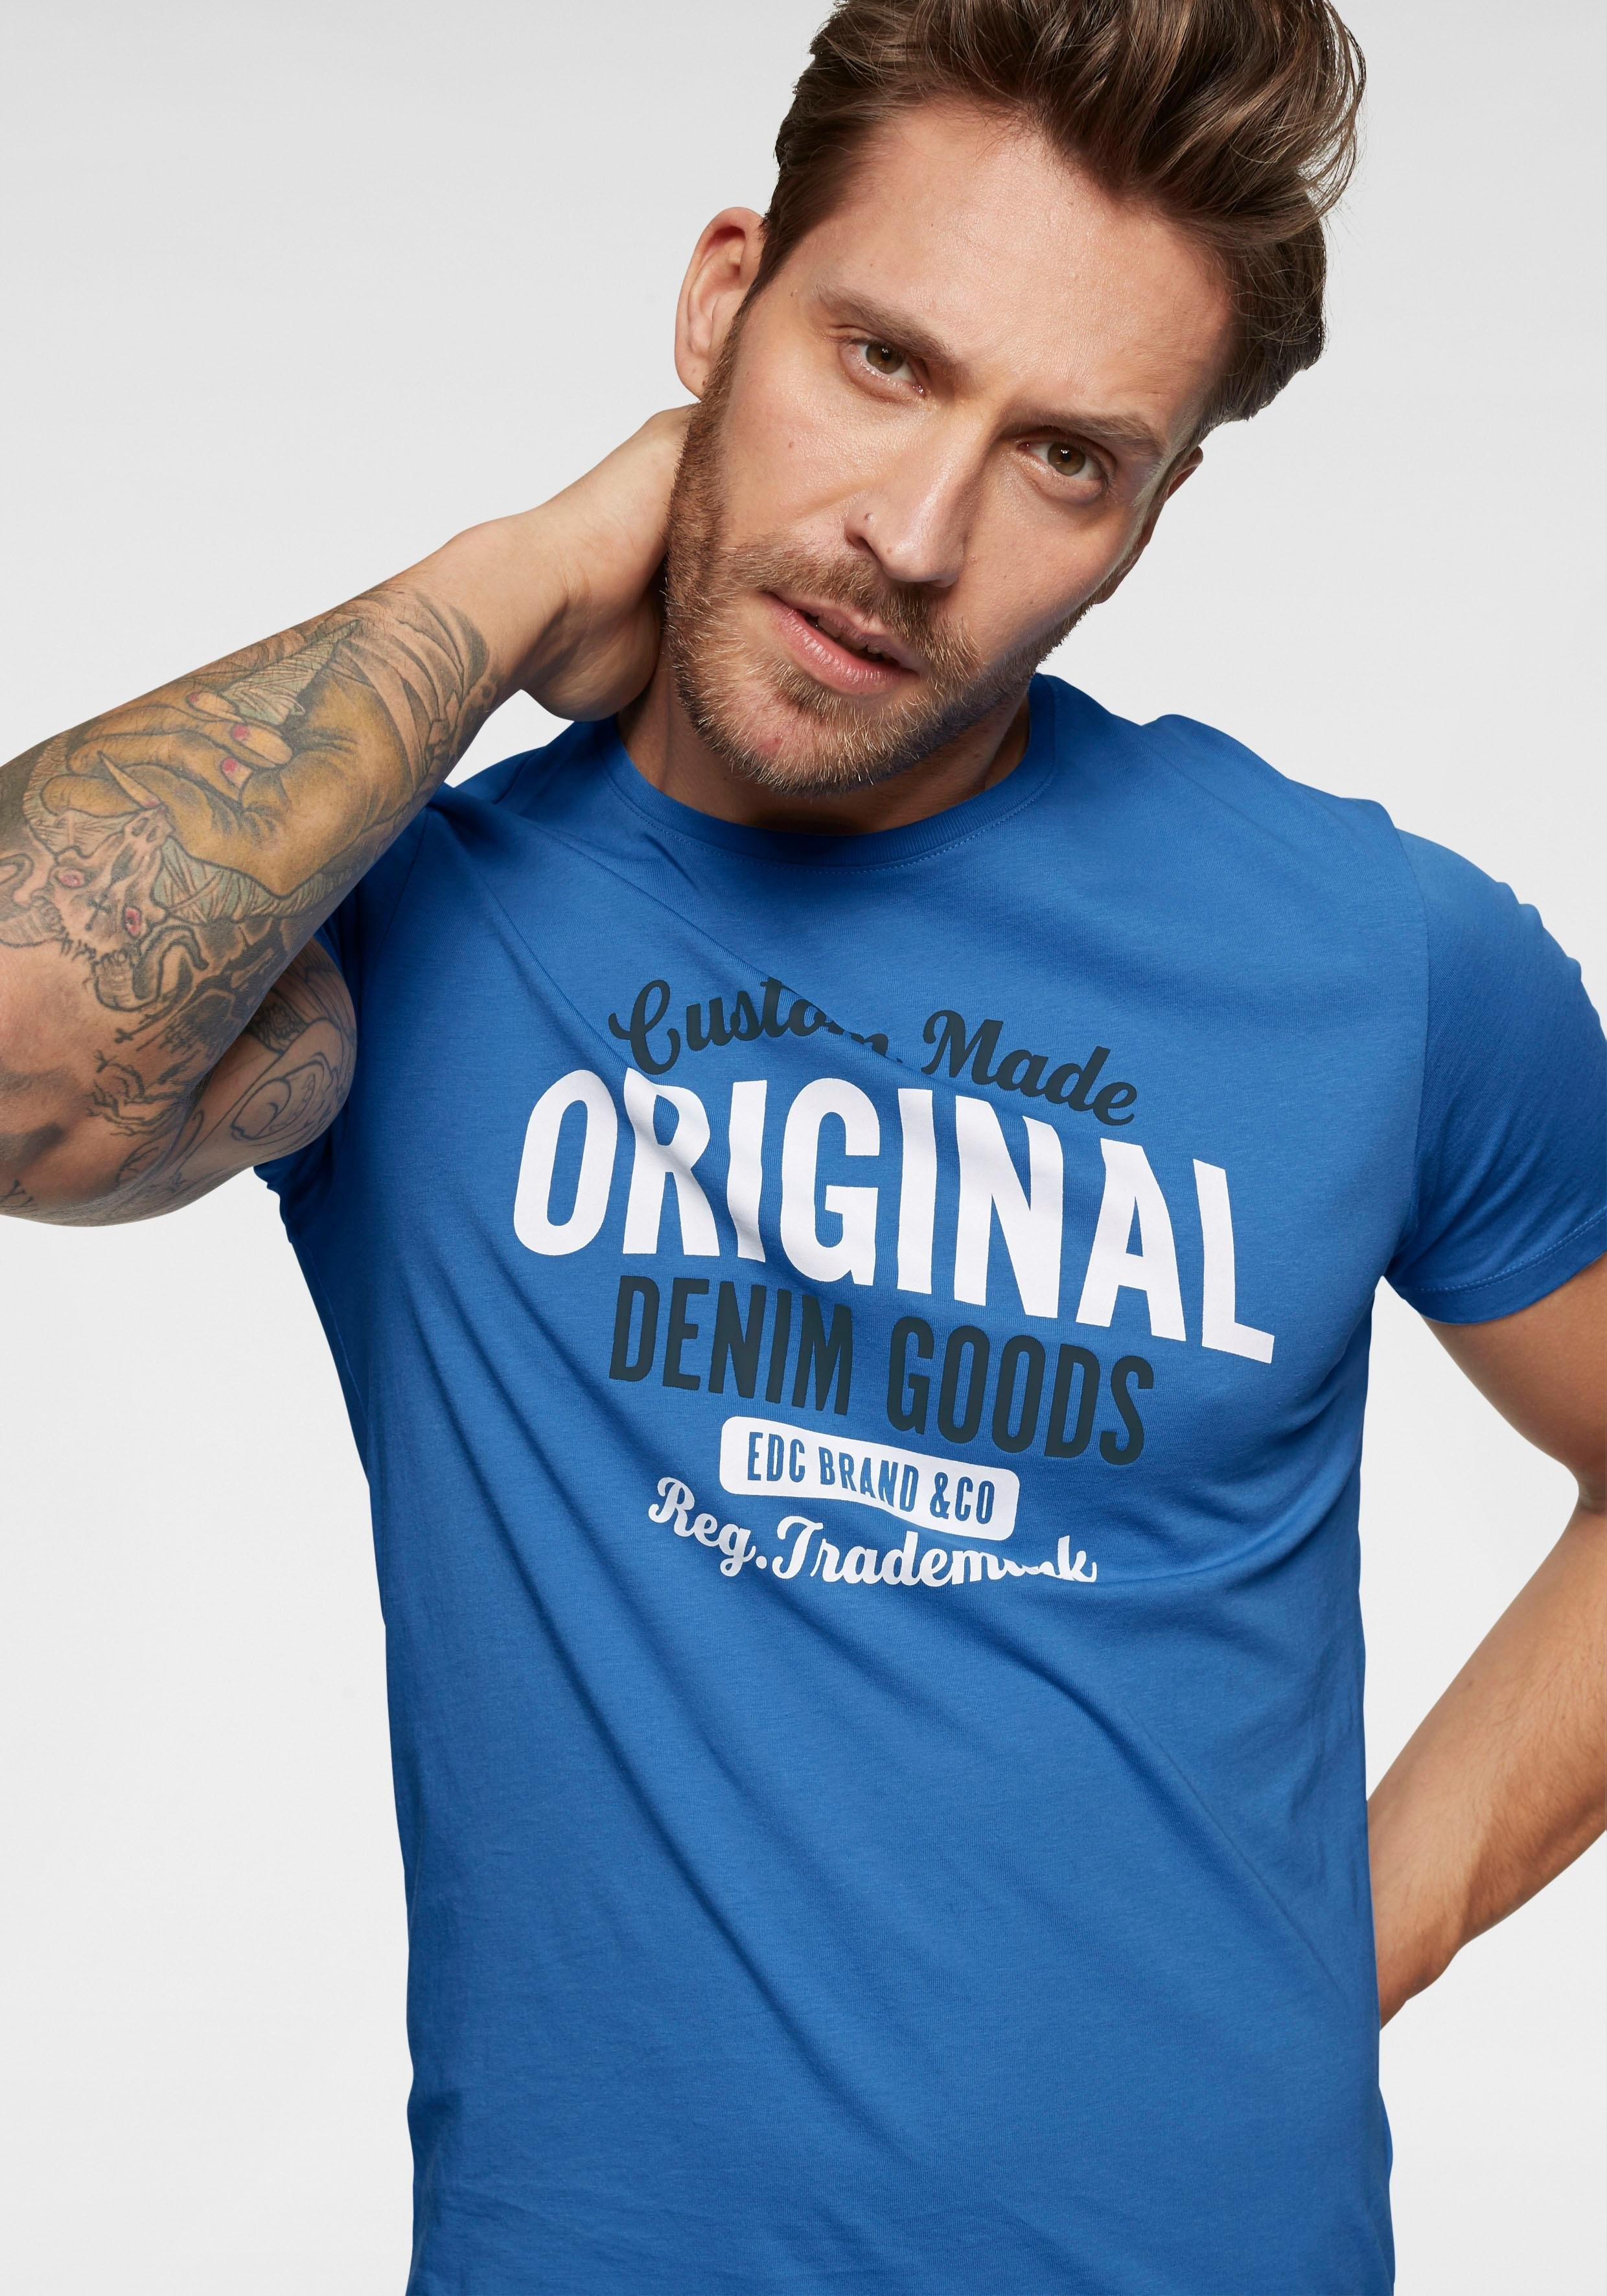 Esprit By Gedessineerd Shirt Edc Online Bij ALqc5Rj34